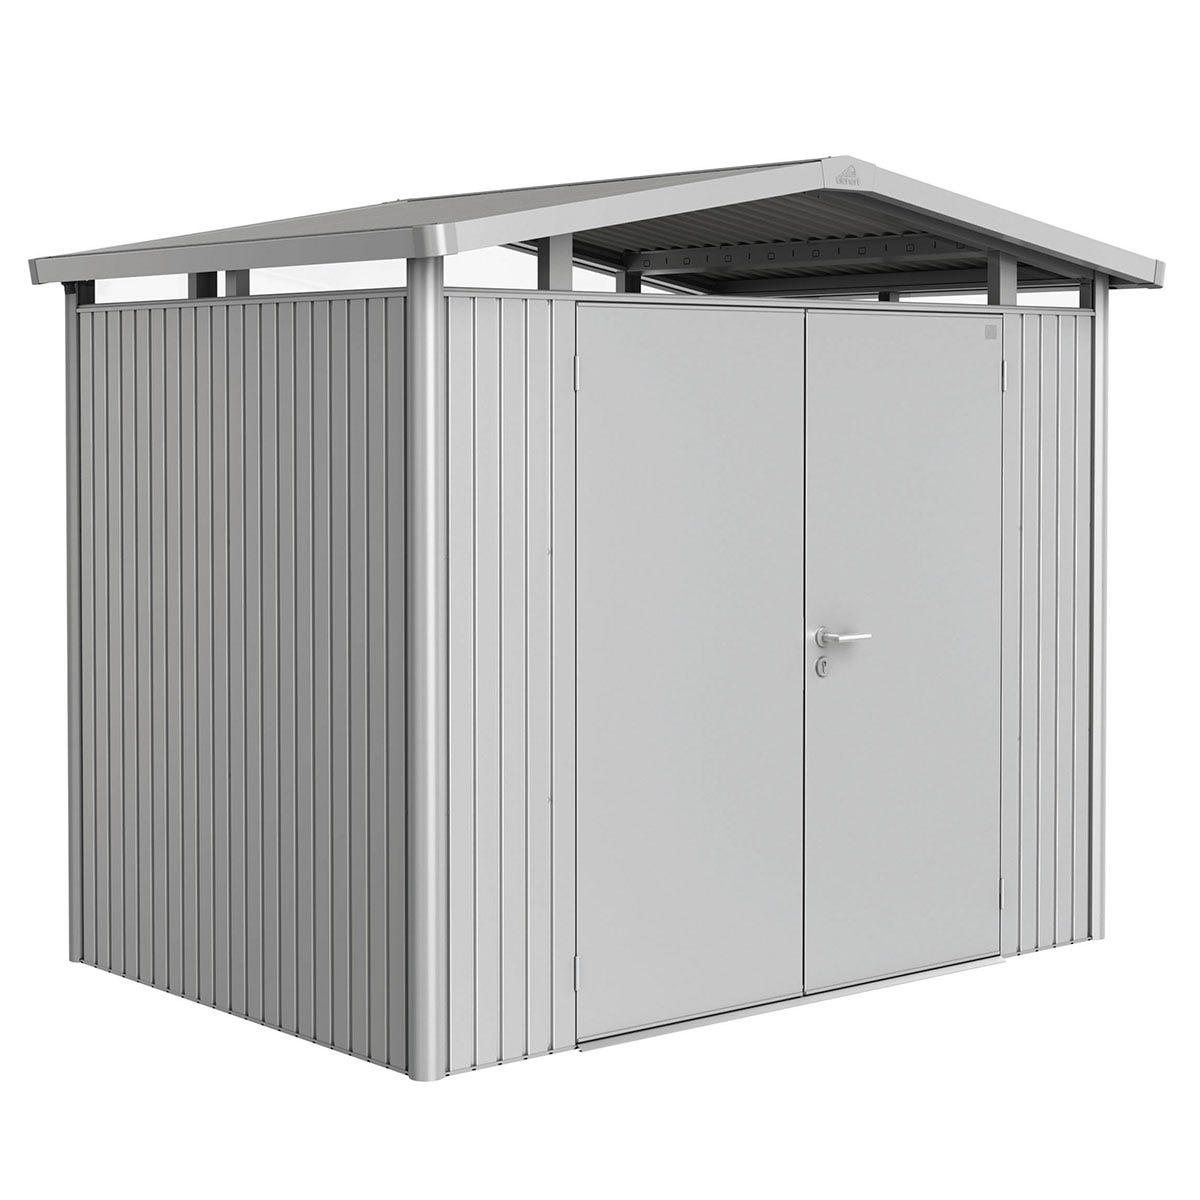 Biohort Panorama Metal Shed P2 Double Door 9' x 6' 5'' - Metallic Silver